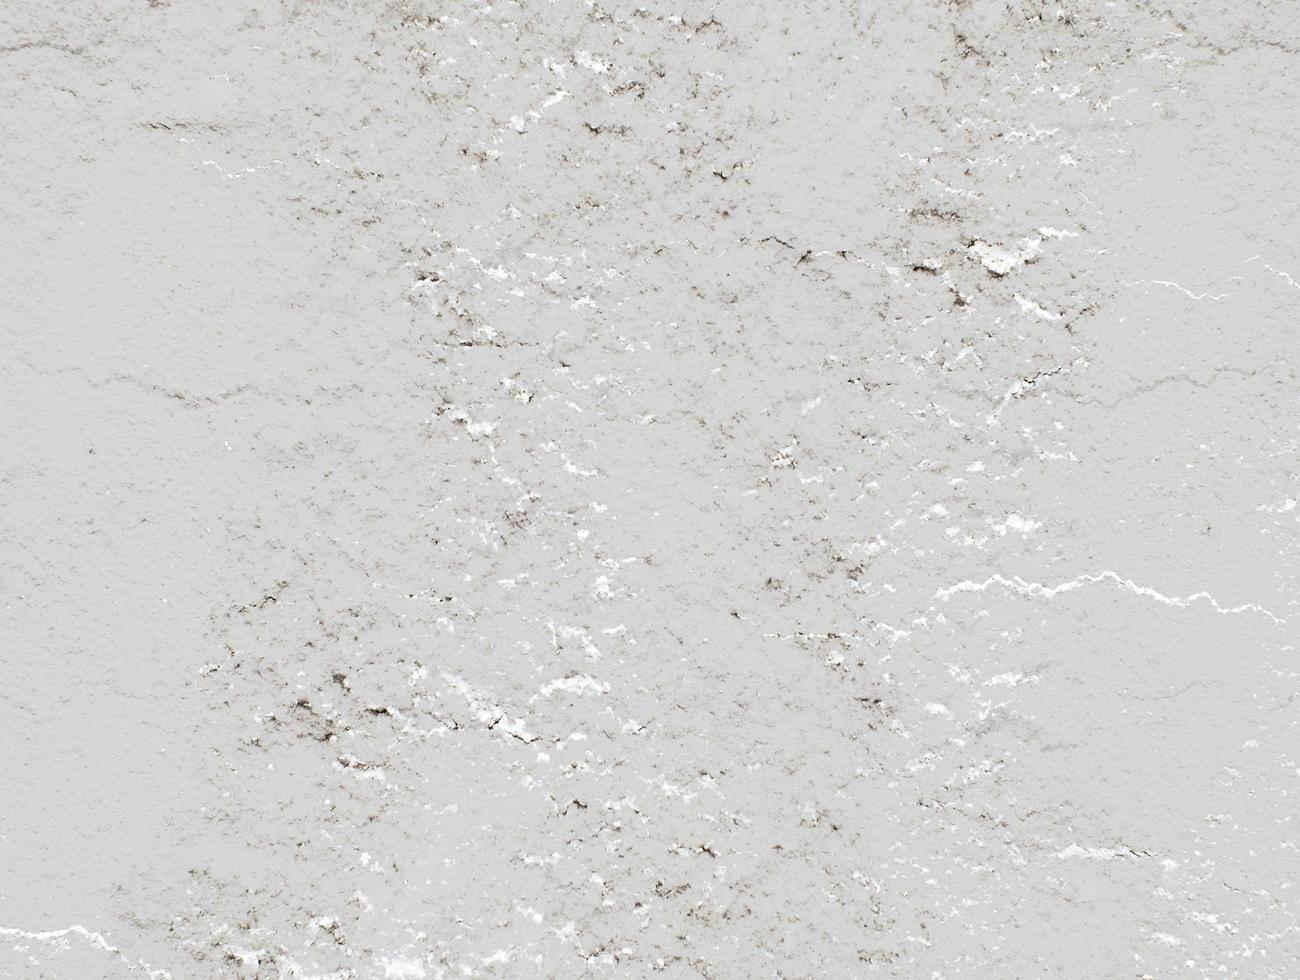 betongvägg konsistens foto